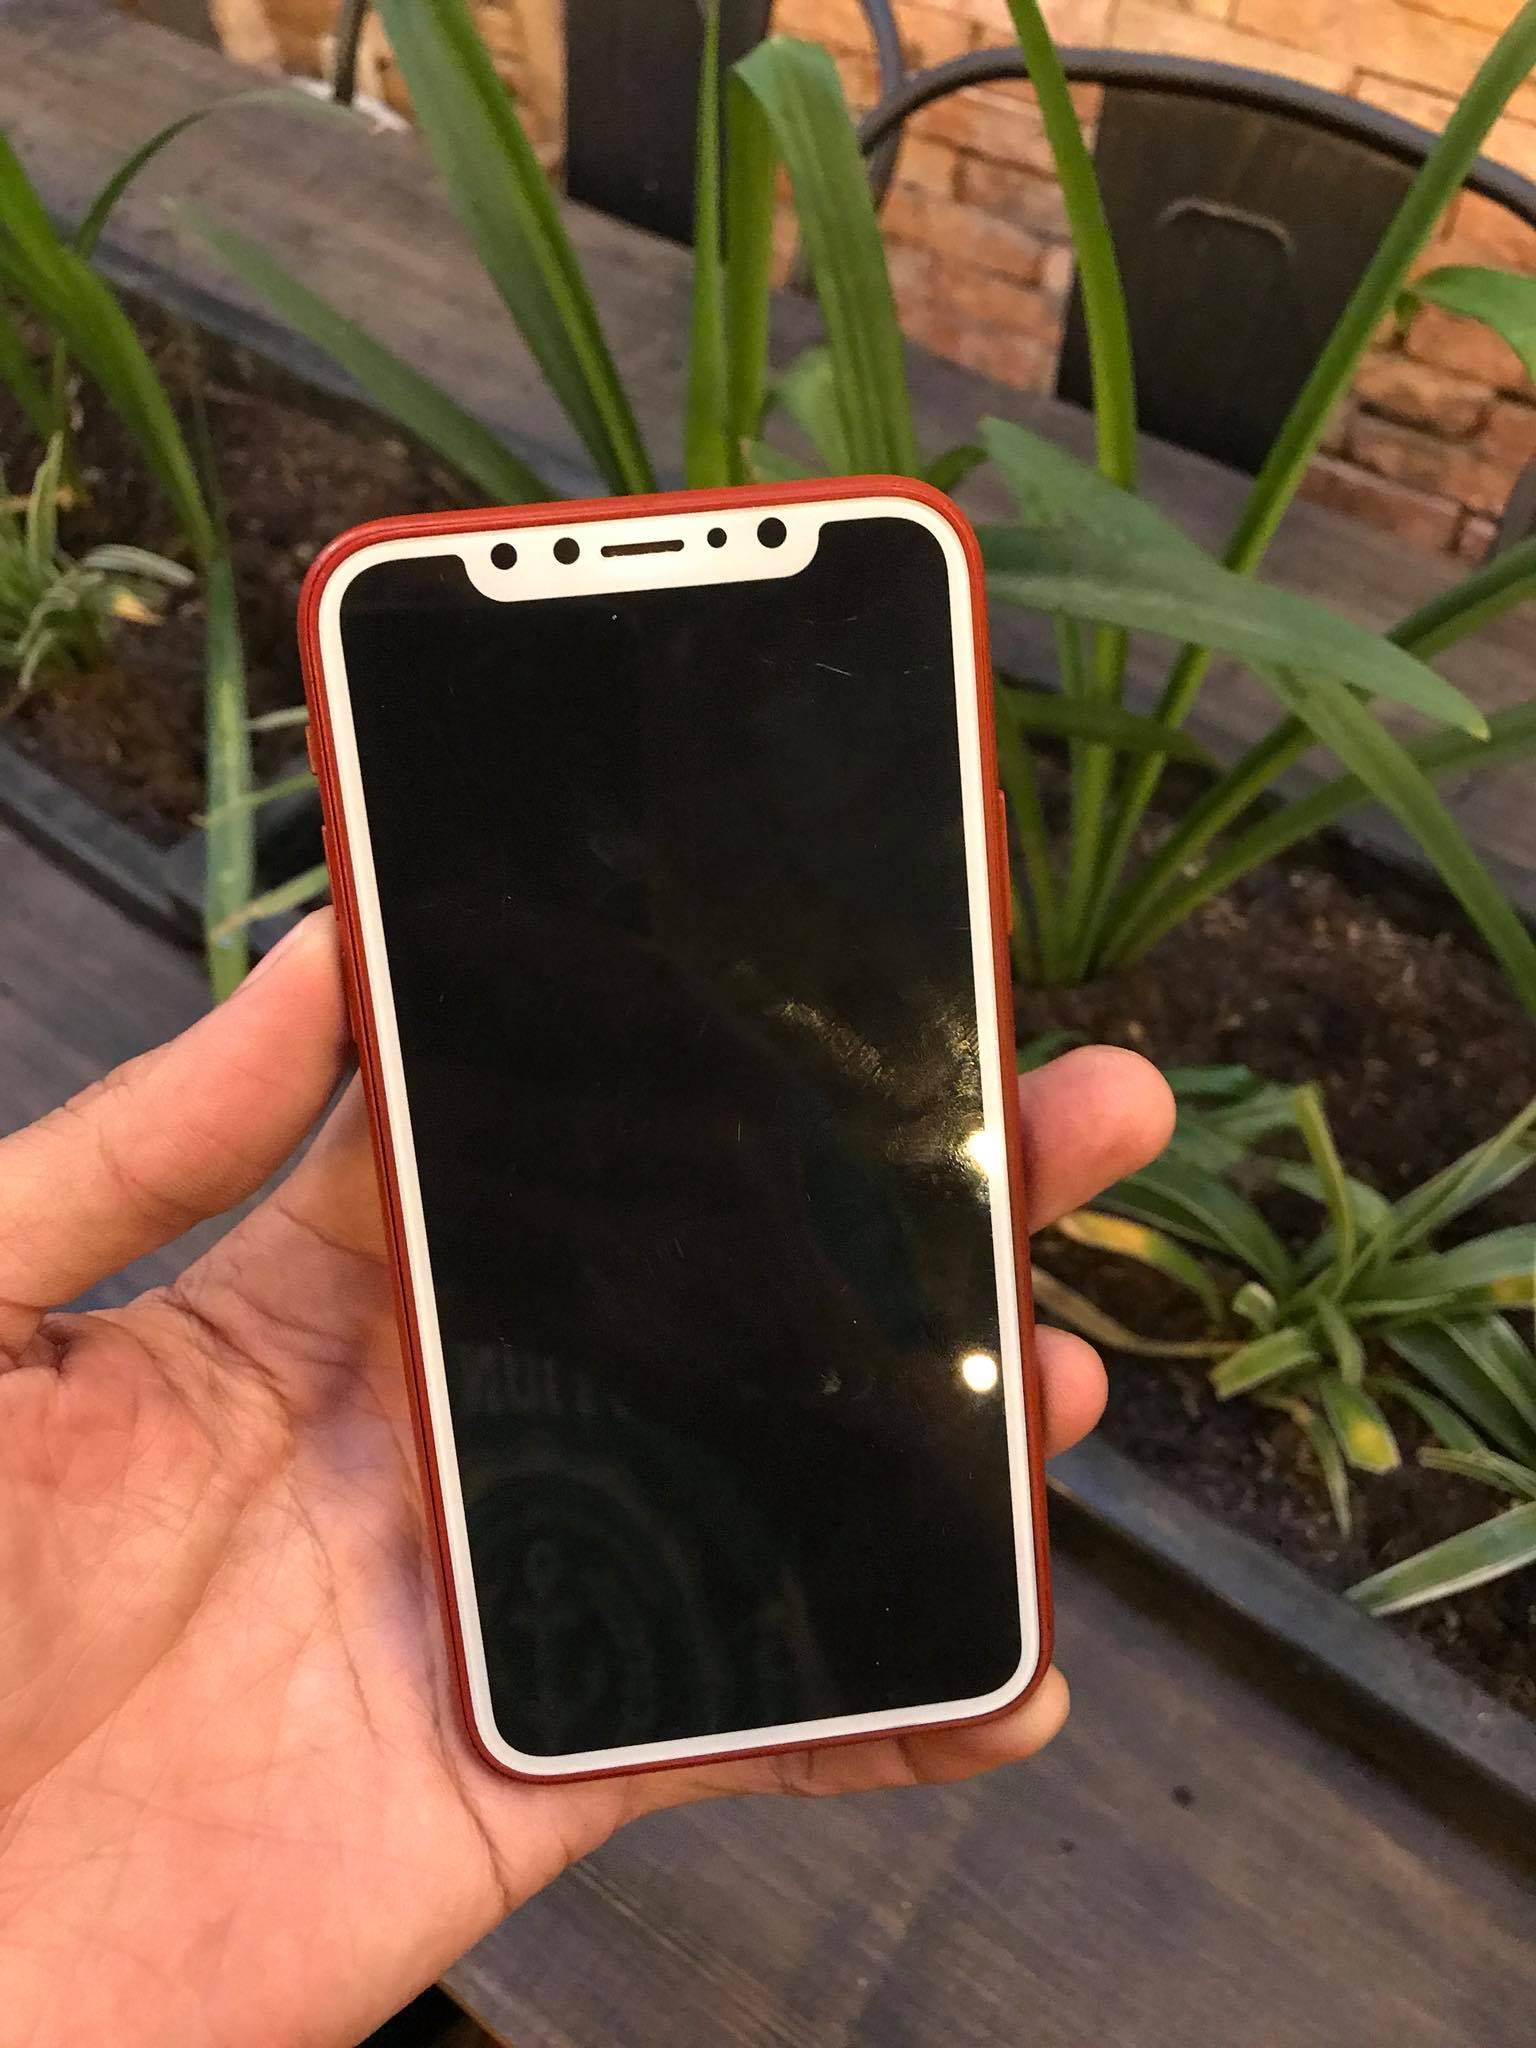 Trên tay mô hình và ốp lưng iPhone 8 màu đỏ tại Việt Nam hình 2